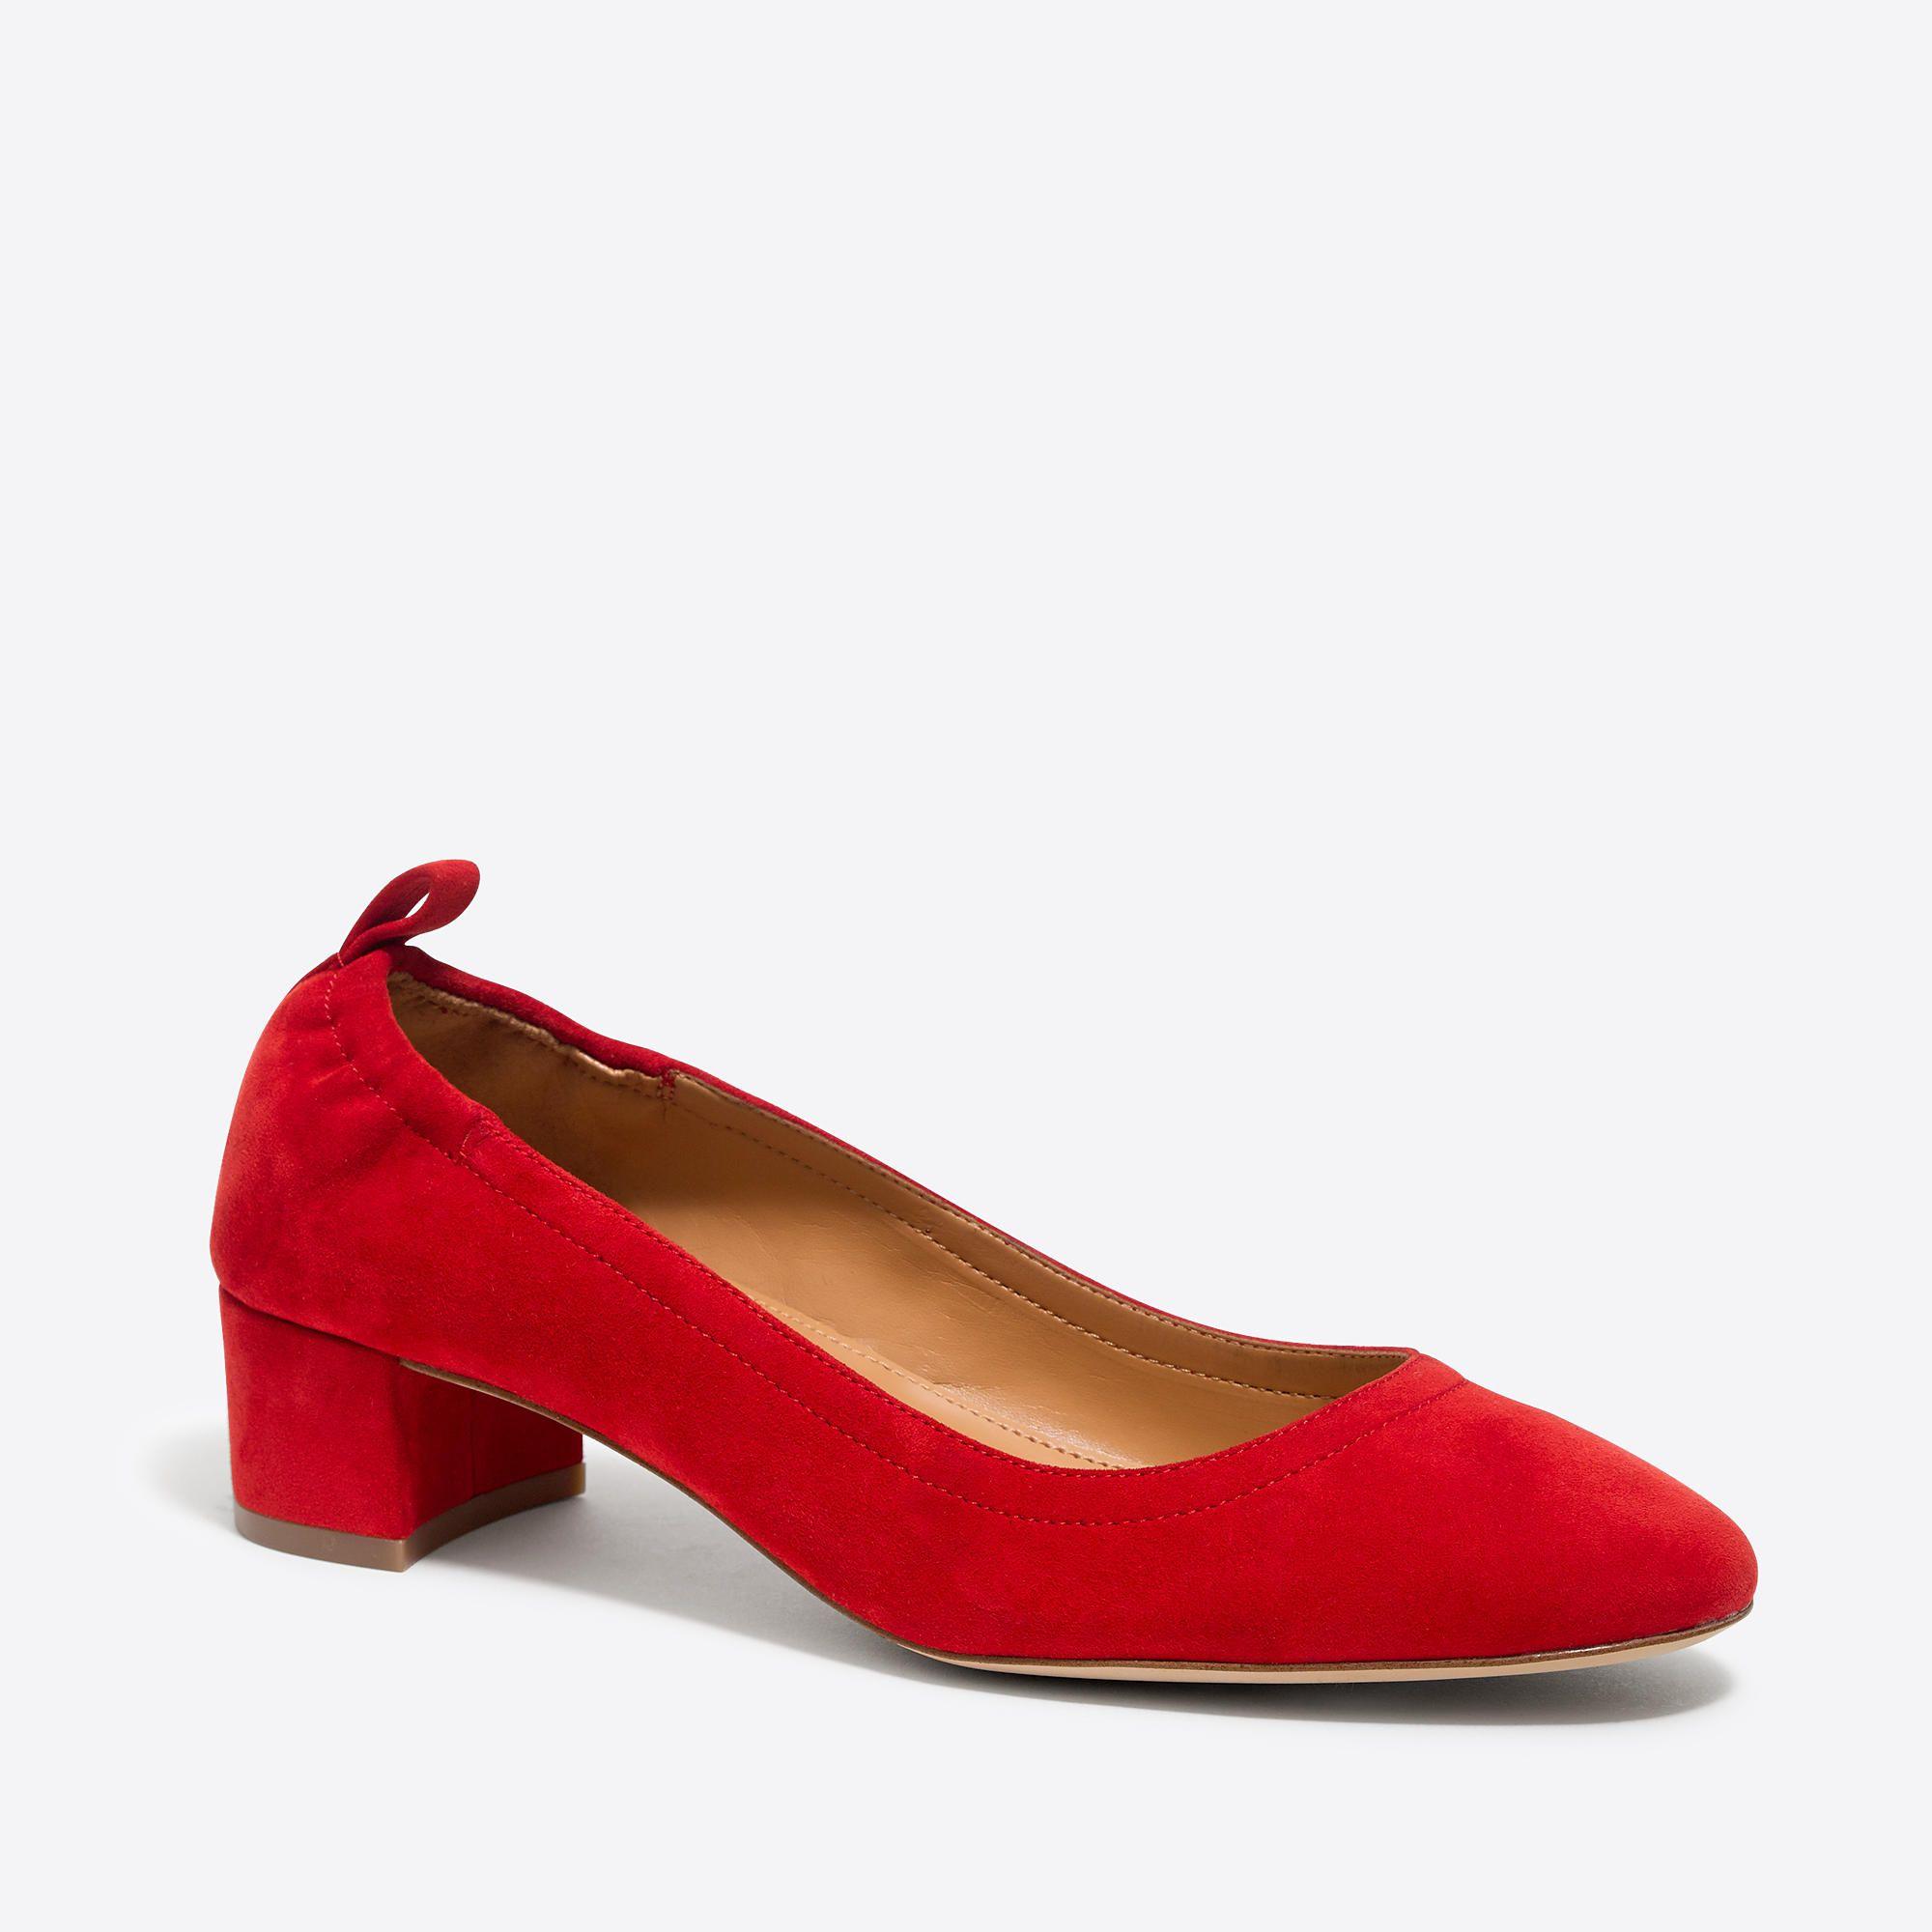 acfaa4d60d3 Anya suede block heels   FactoryWomen Occasion